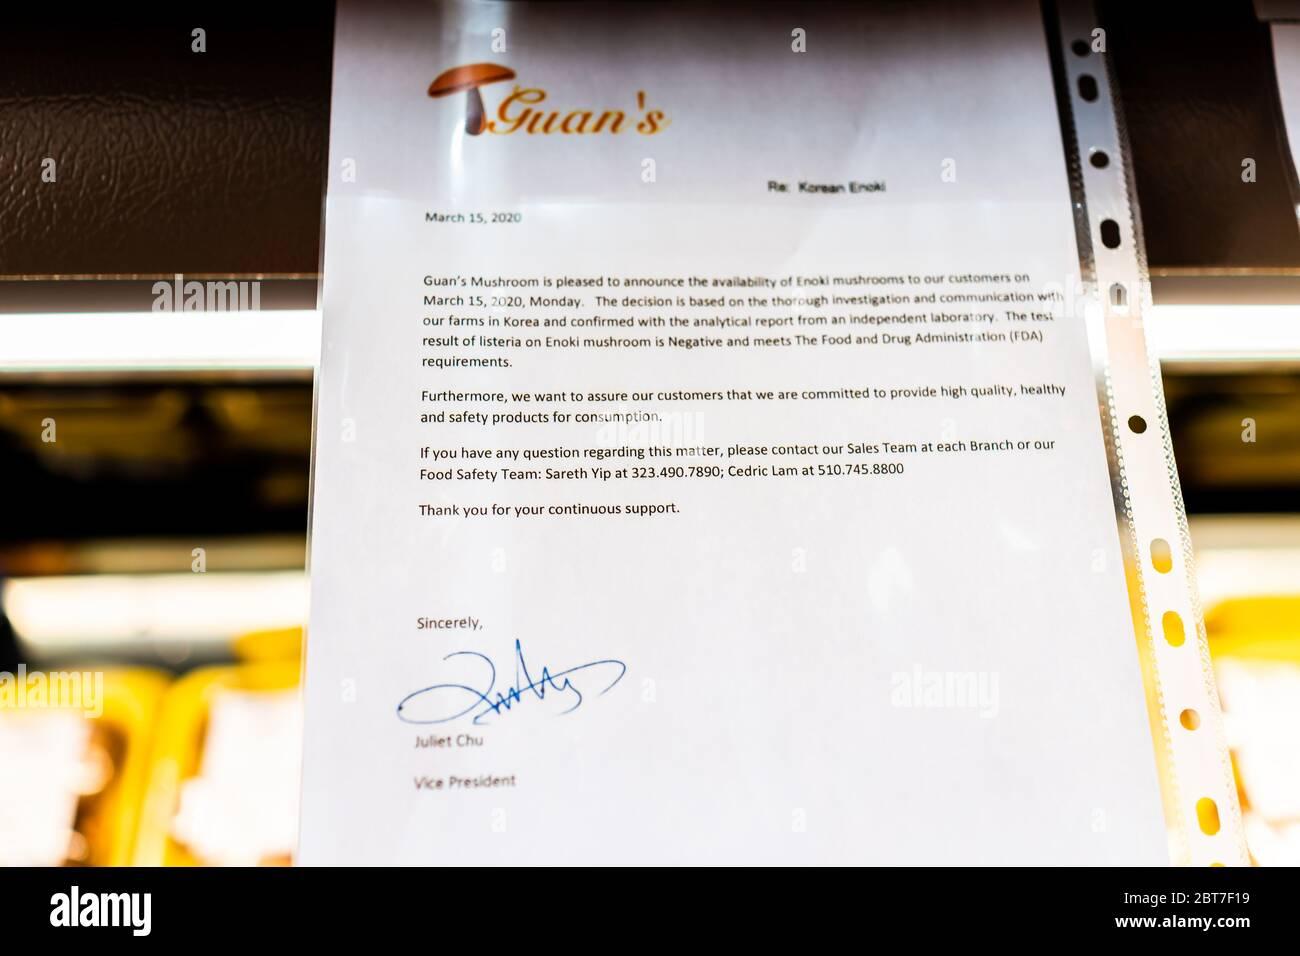 Herndon, EE.UU. - 17 de abril de 2020: Guan firma de champiñones aviso con respecto a la listeria detectada en hongos Enoki con laboratorio independiente prueba negativa res Foto de stock